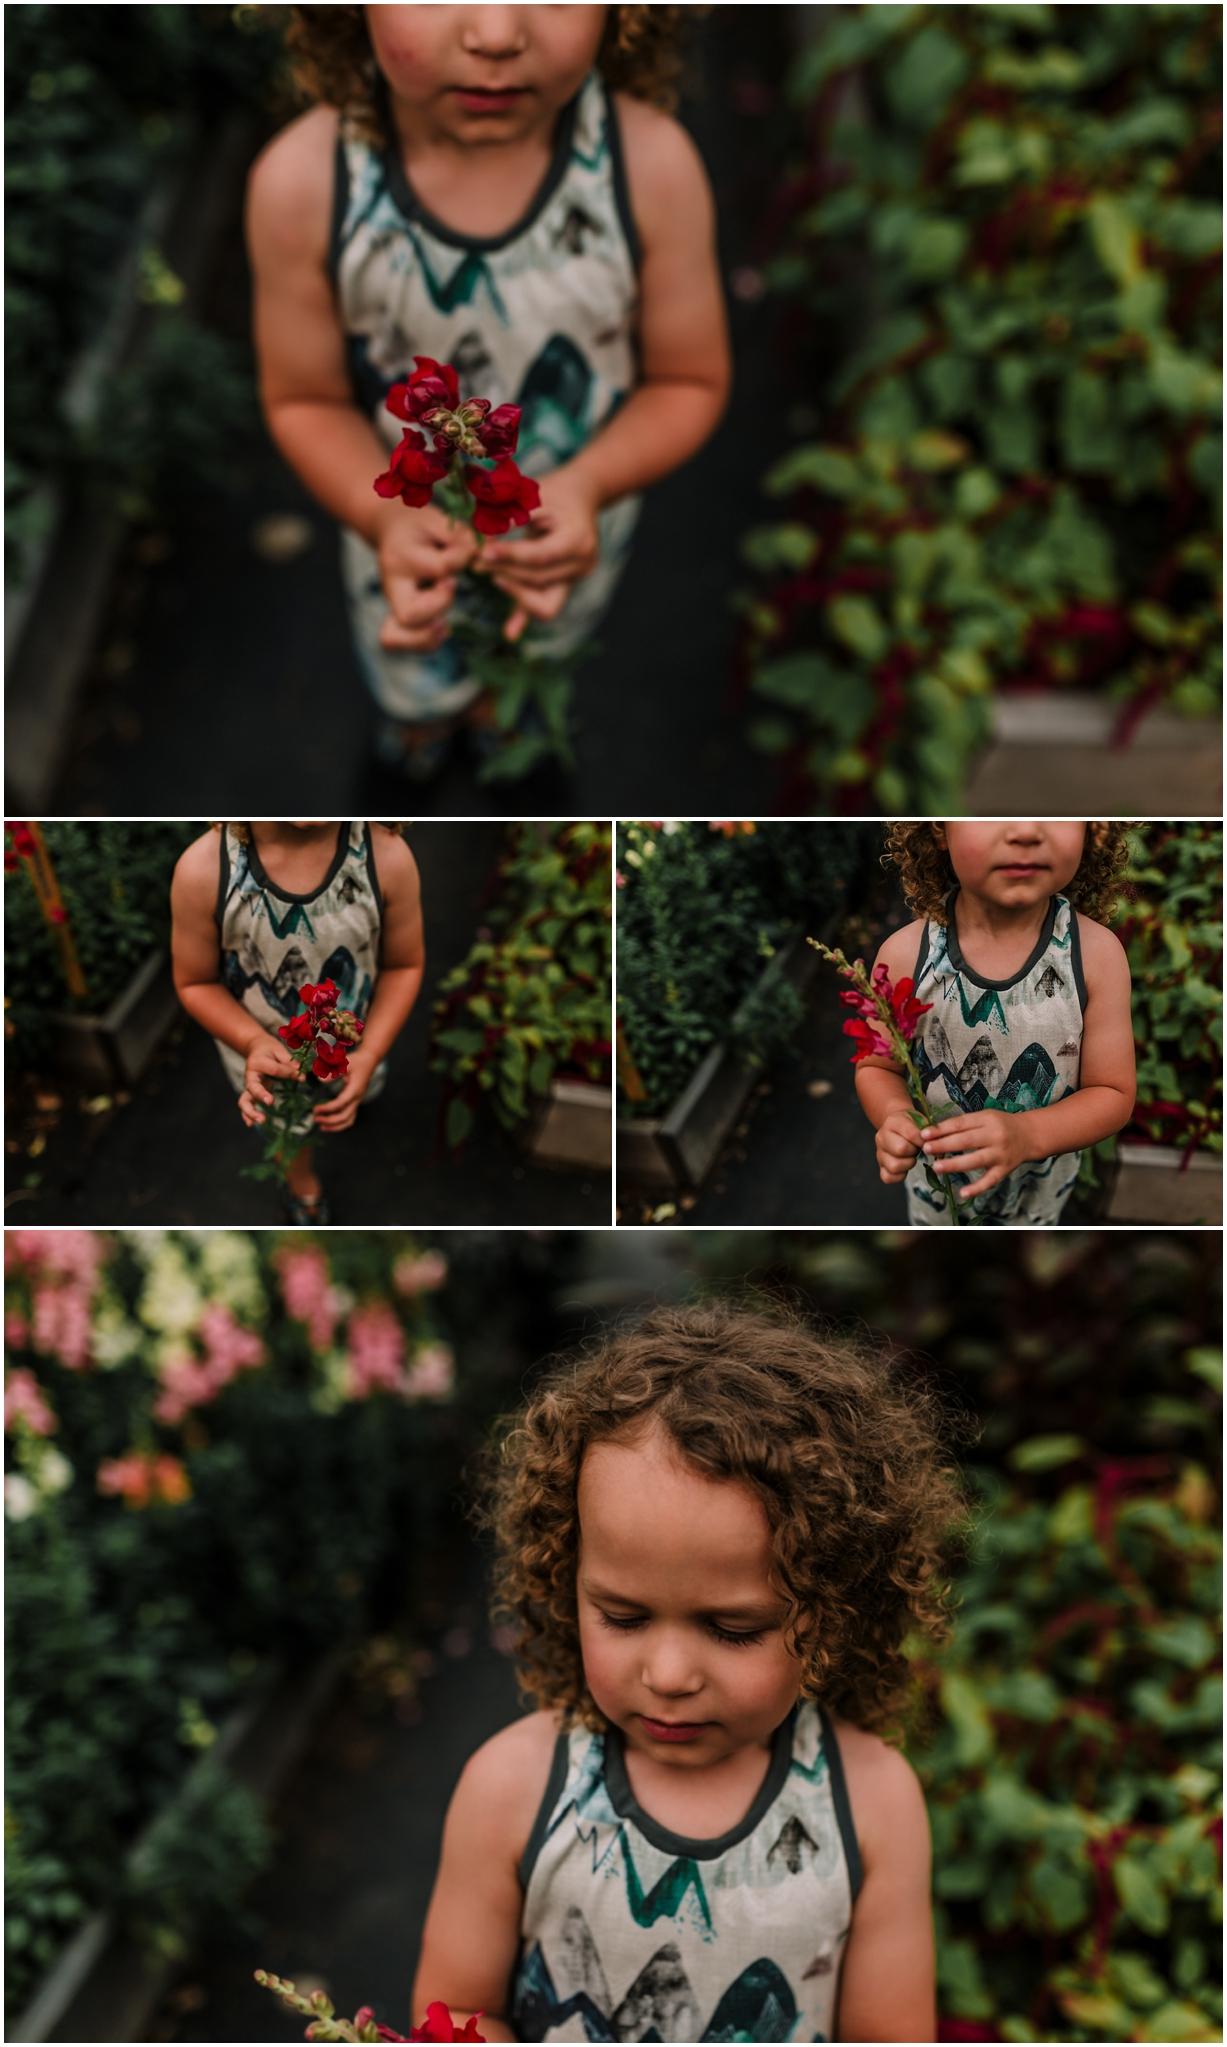 Edmonton Family Photographer - Lifestyle Photographer - Treelines Photography - Edmonton Flower Farm